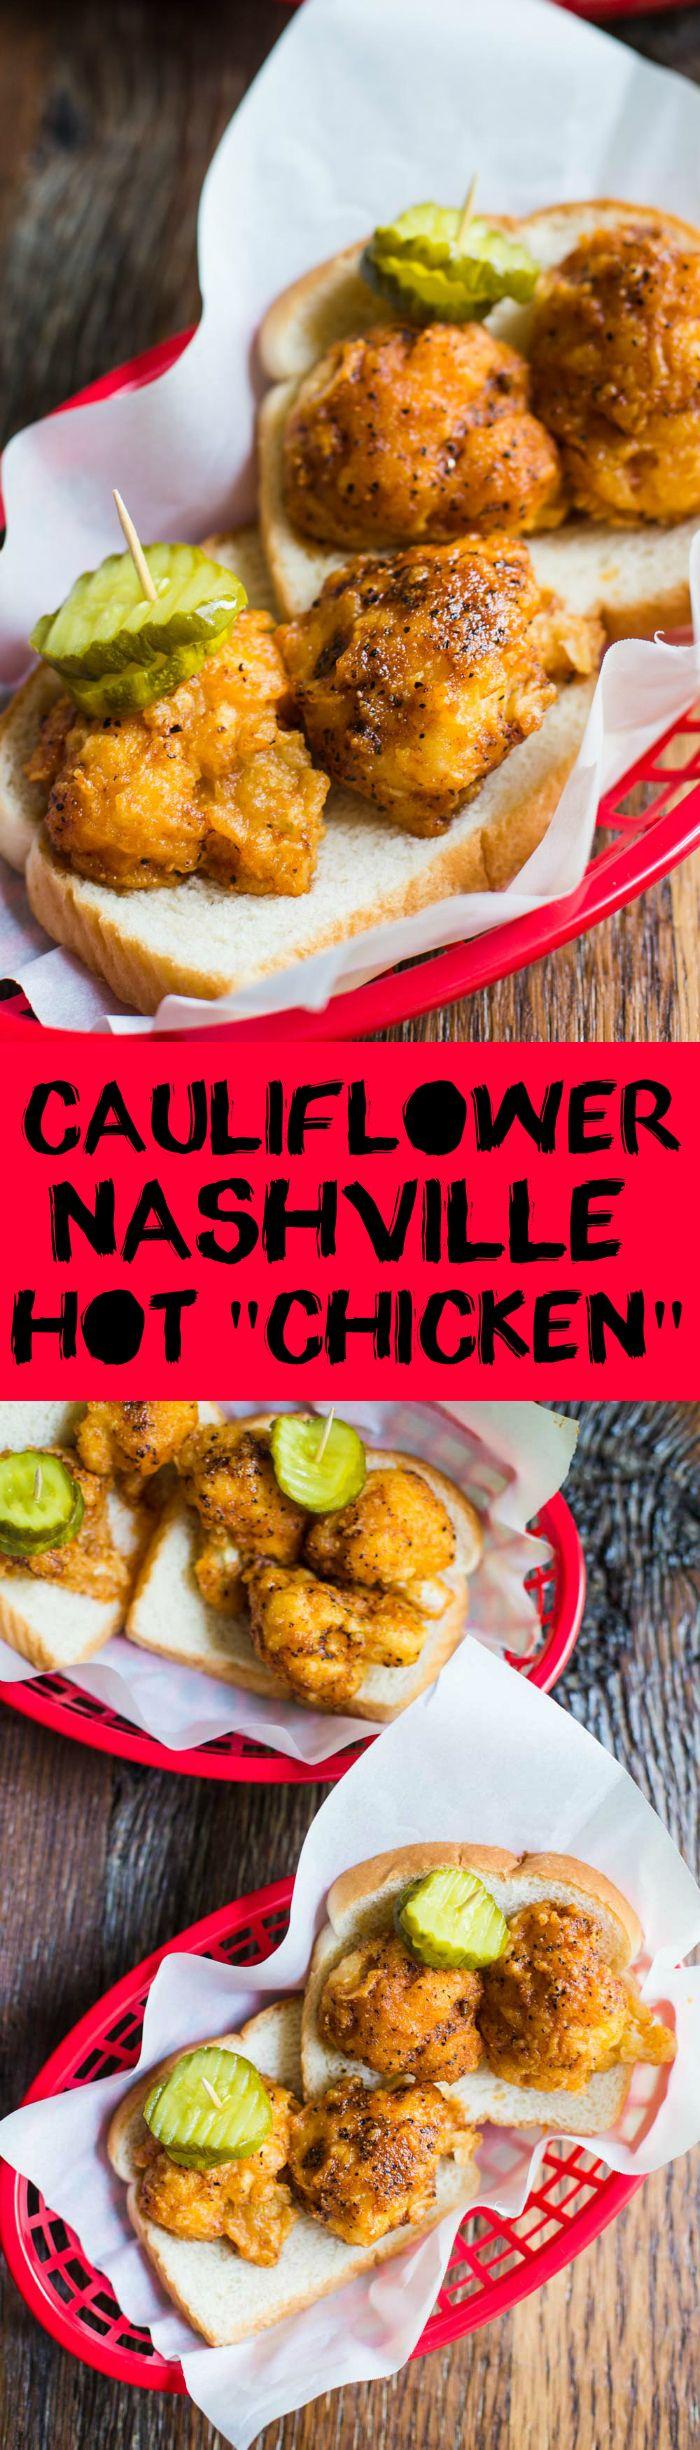 """Cauliflower Nashville Hot """"Chicken""""- VEGAN and SO delicious!!"""